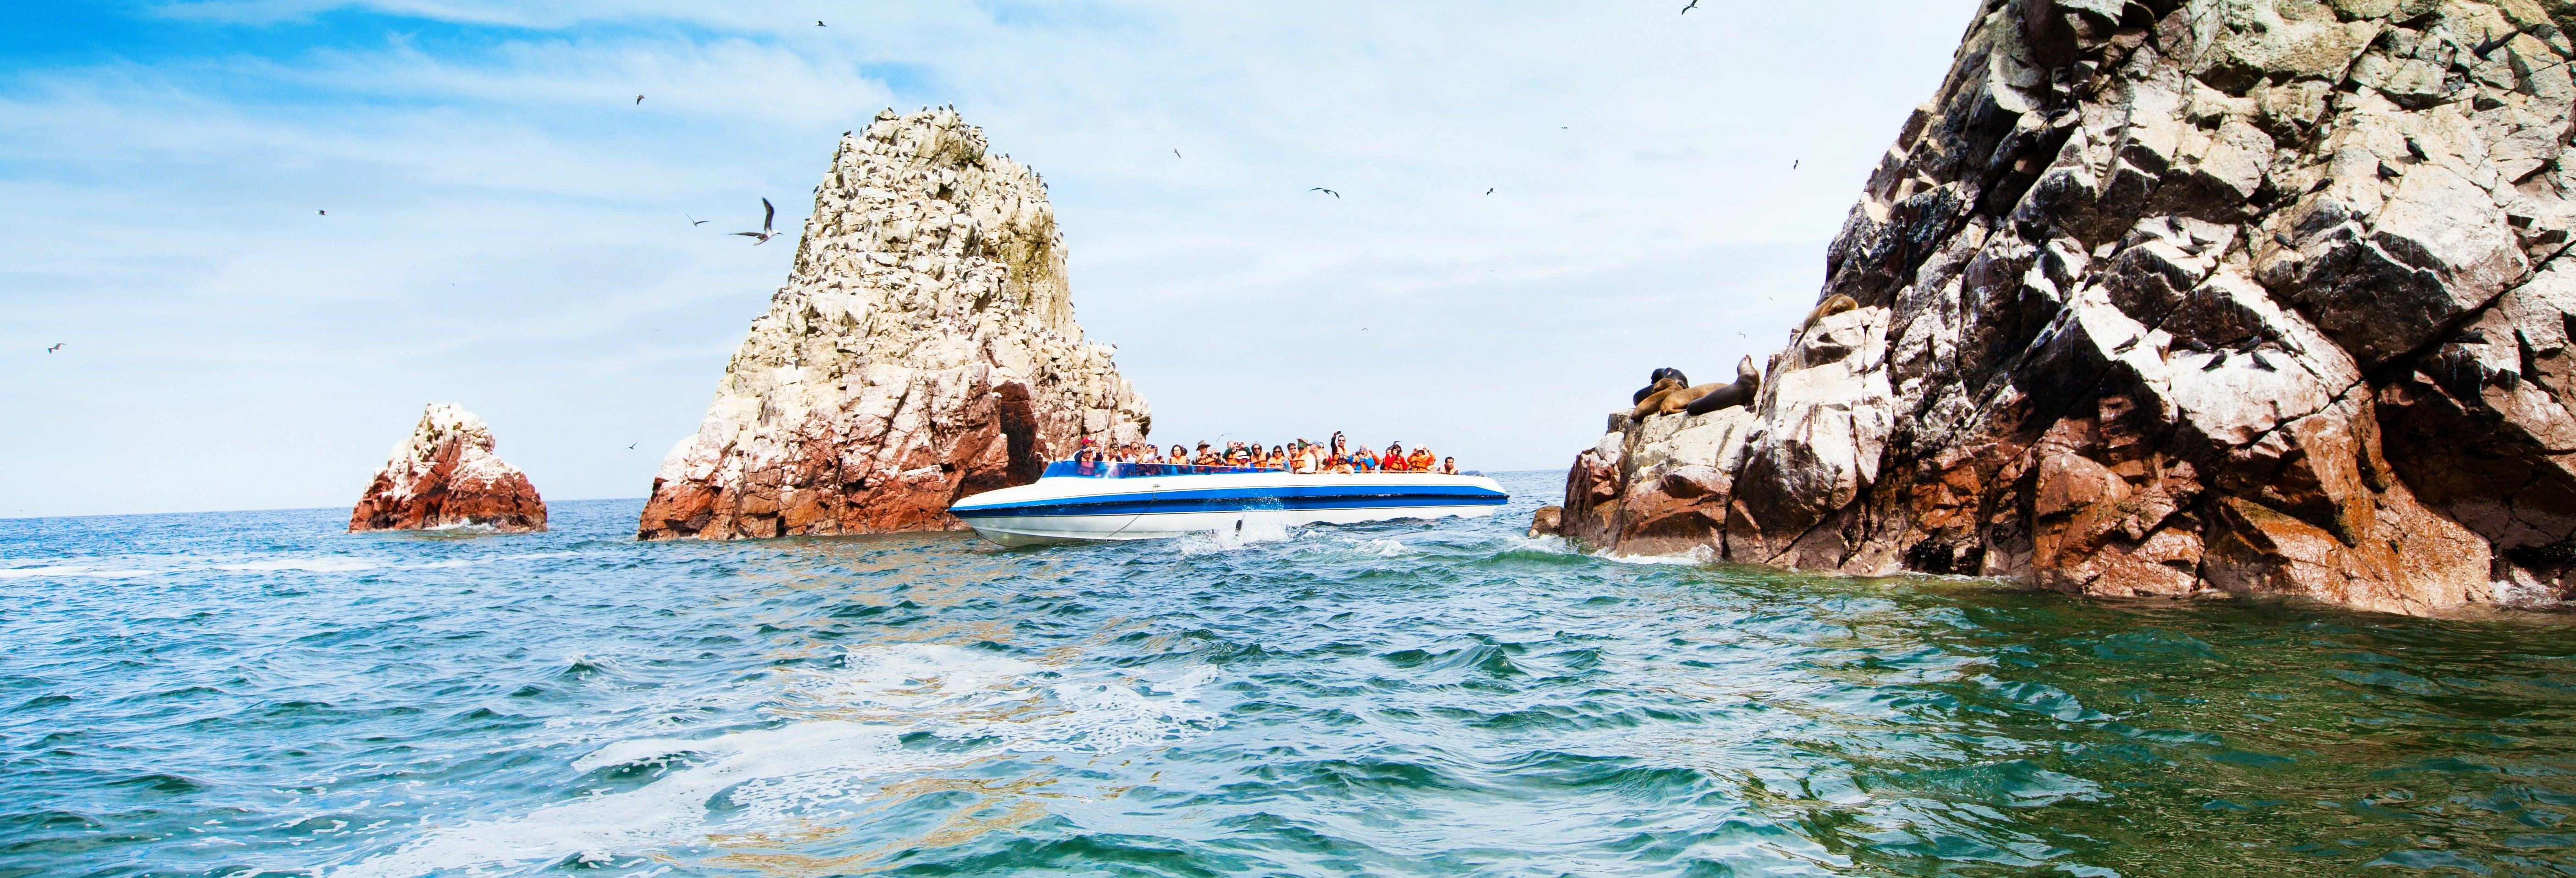 Balade en vedette ou en yacht dans la baie de Paracas